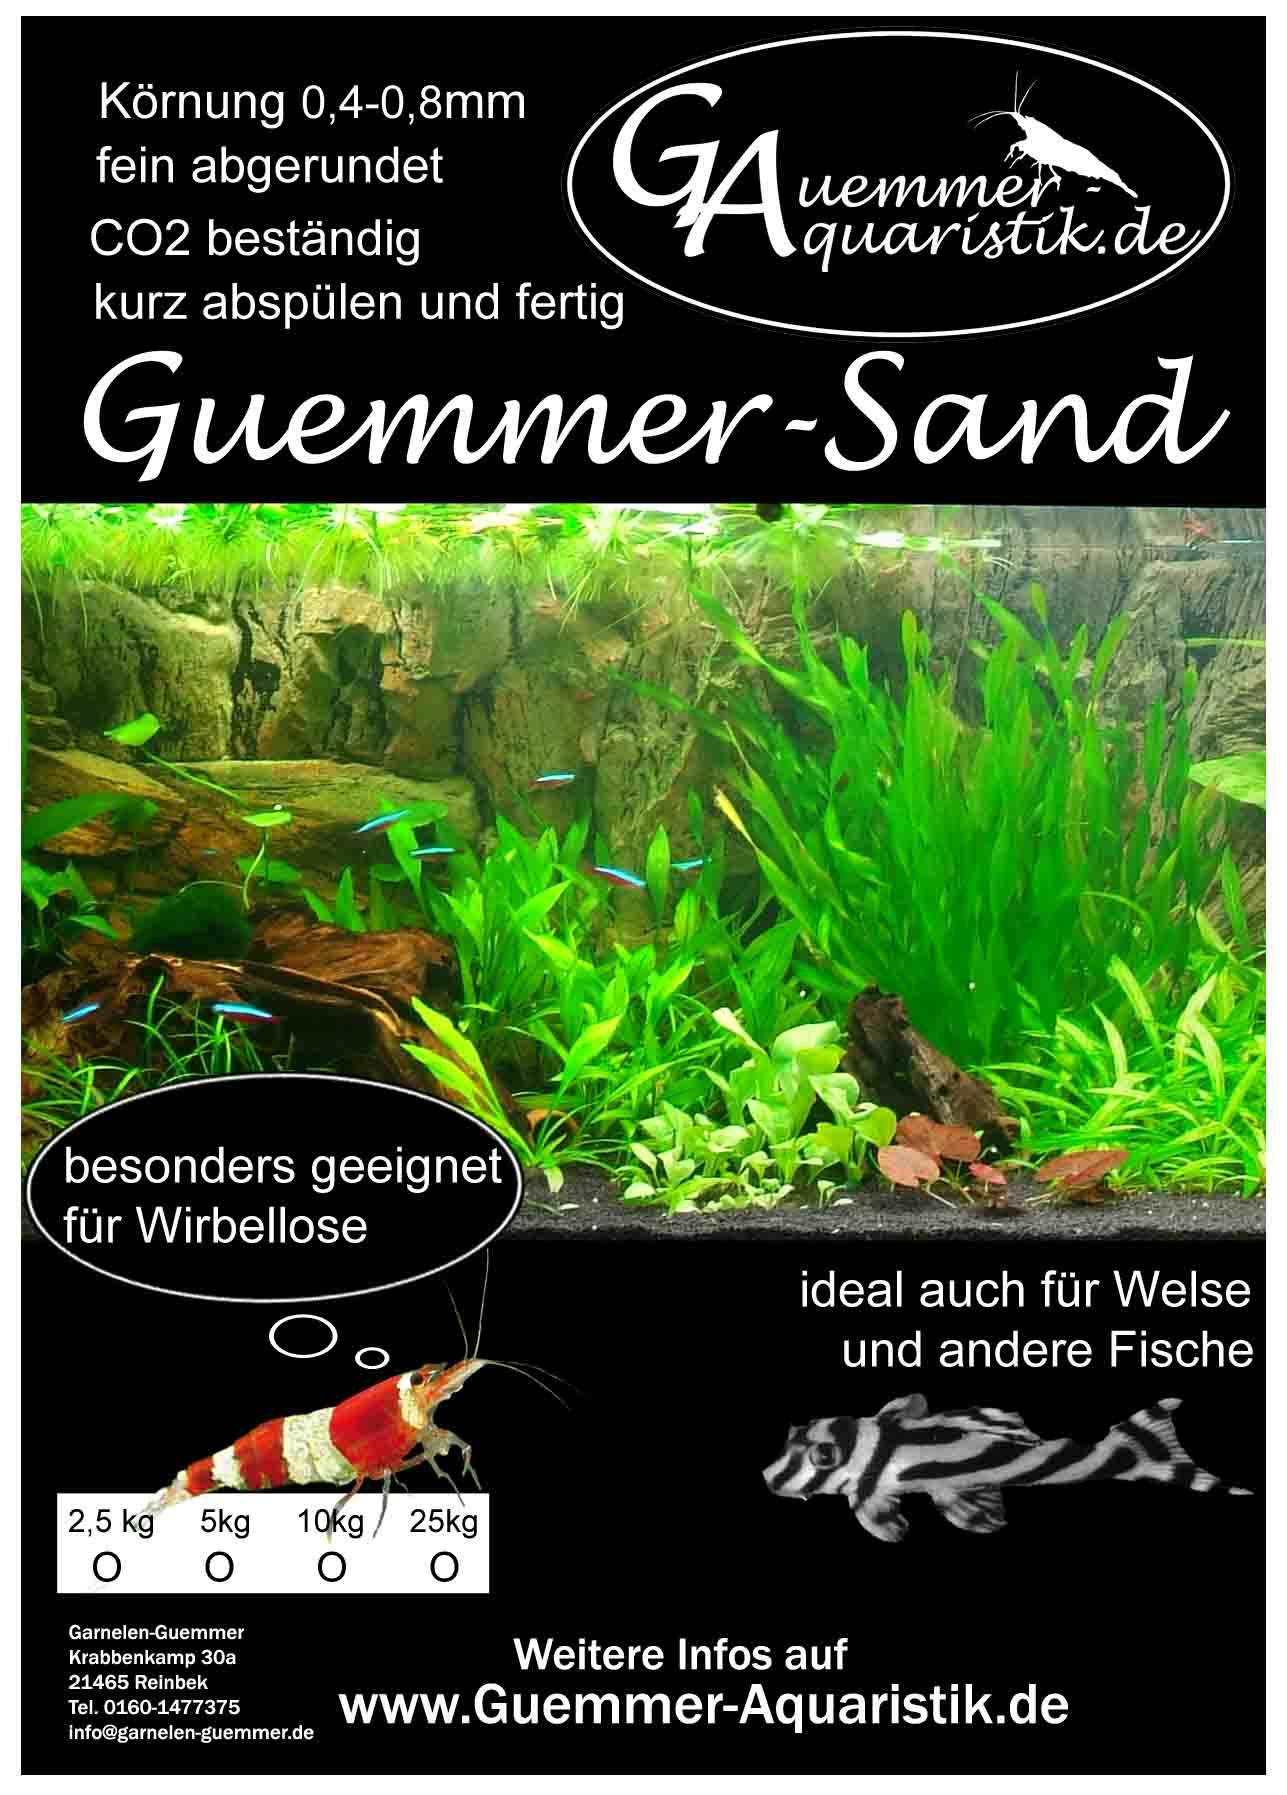 Guemmer-Sand Aquariensand kaufen